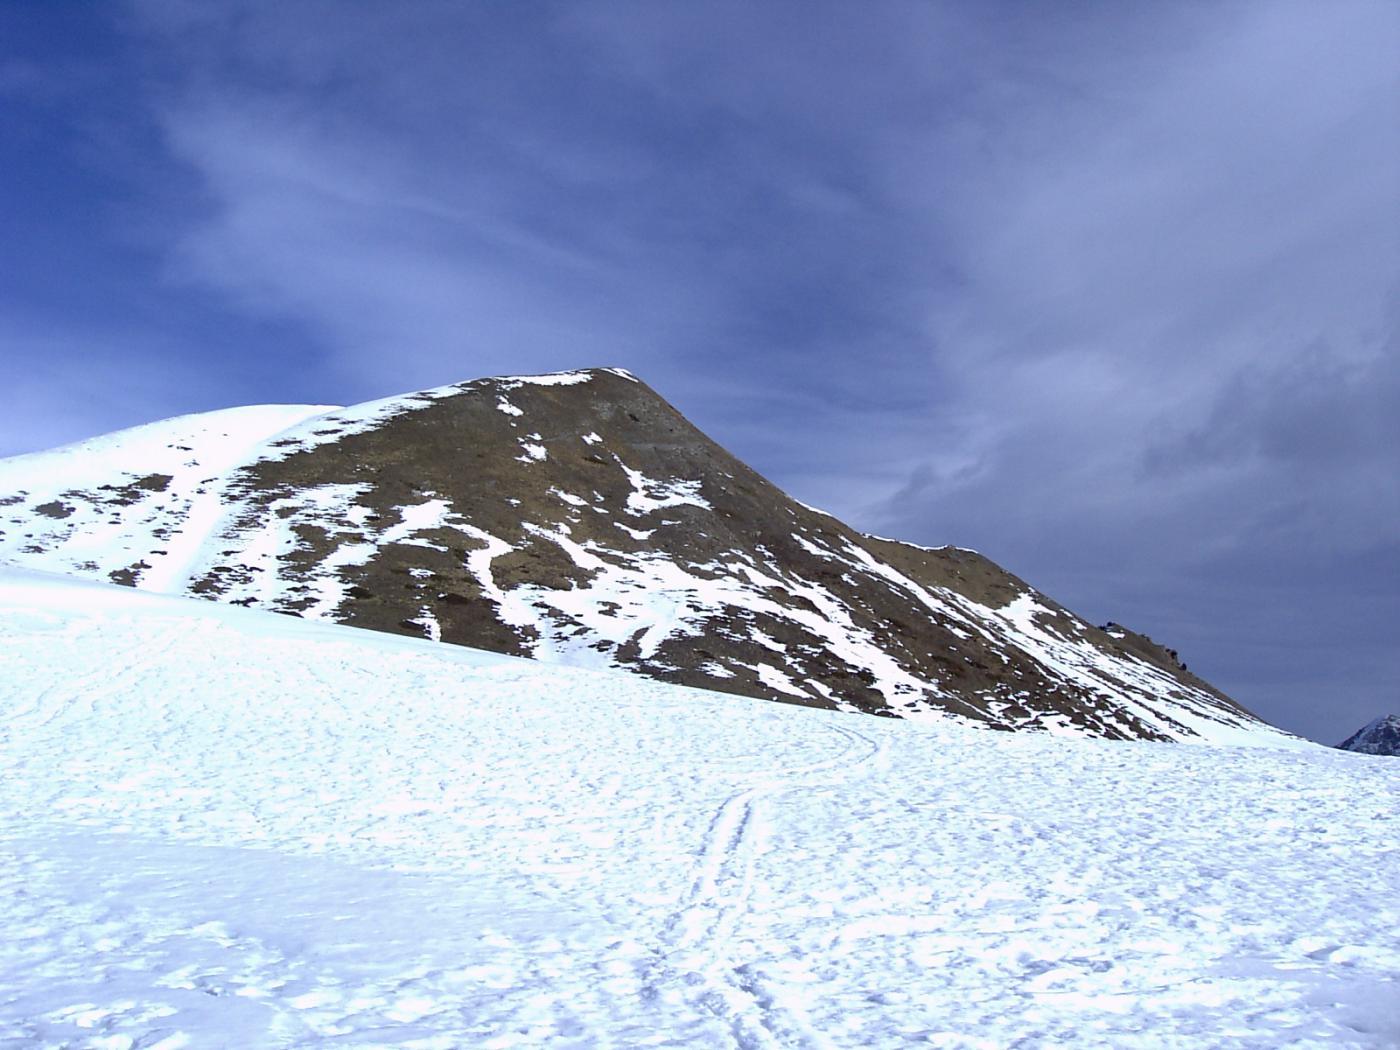 La cima dai pressi del colle Chabaud (il punto più comodo per raggiungere la cresta Ovest si trova fuori foto, a sinistra) (foto A. Valfrè).